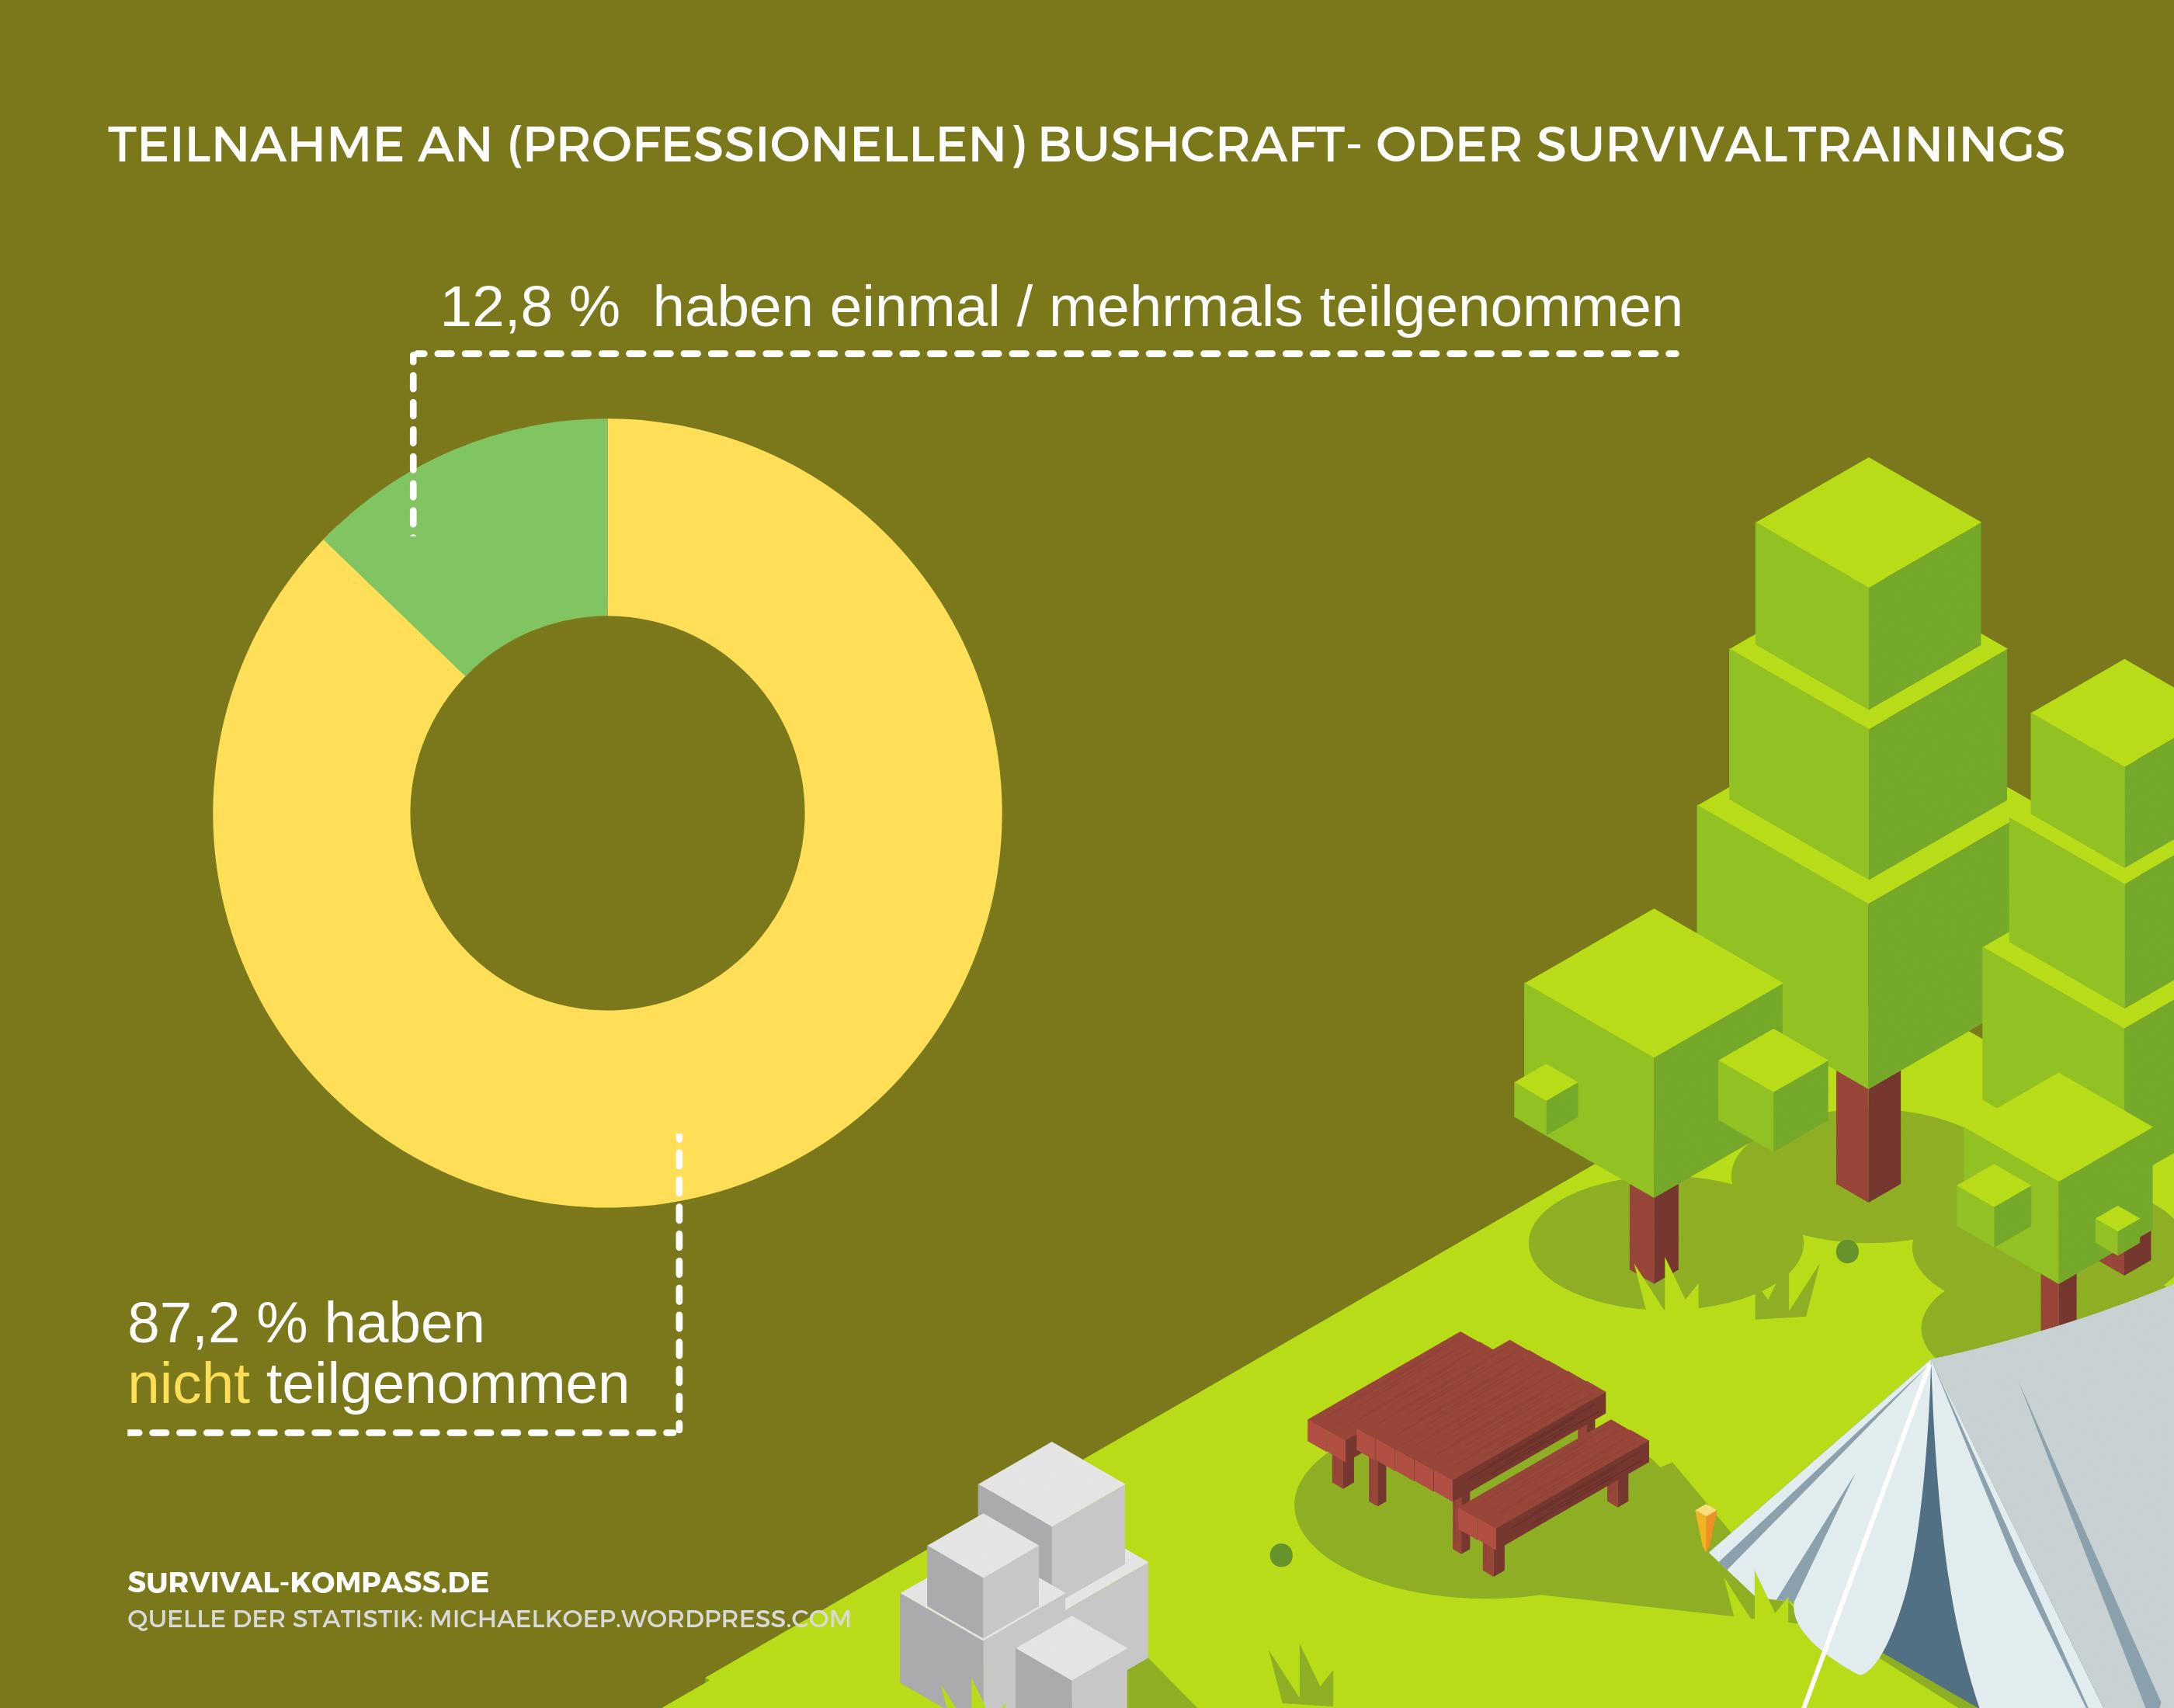 Statistik zur Teilnahme an Bushcraft- oder Survival-Trainings